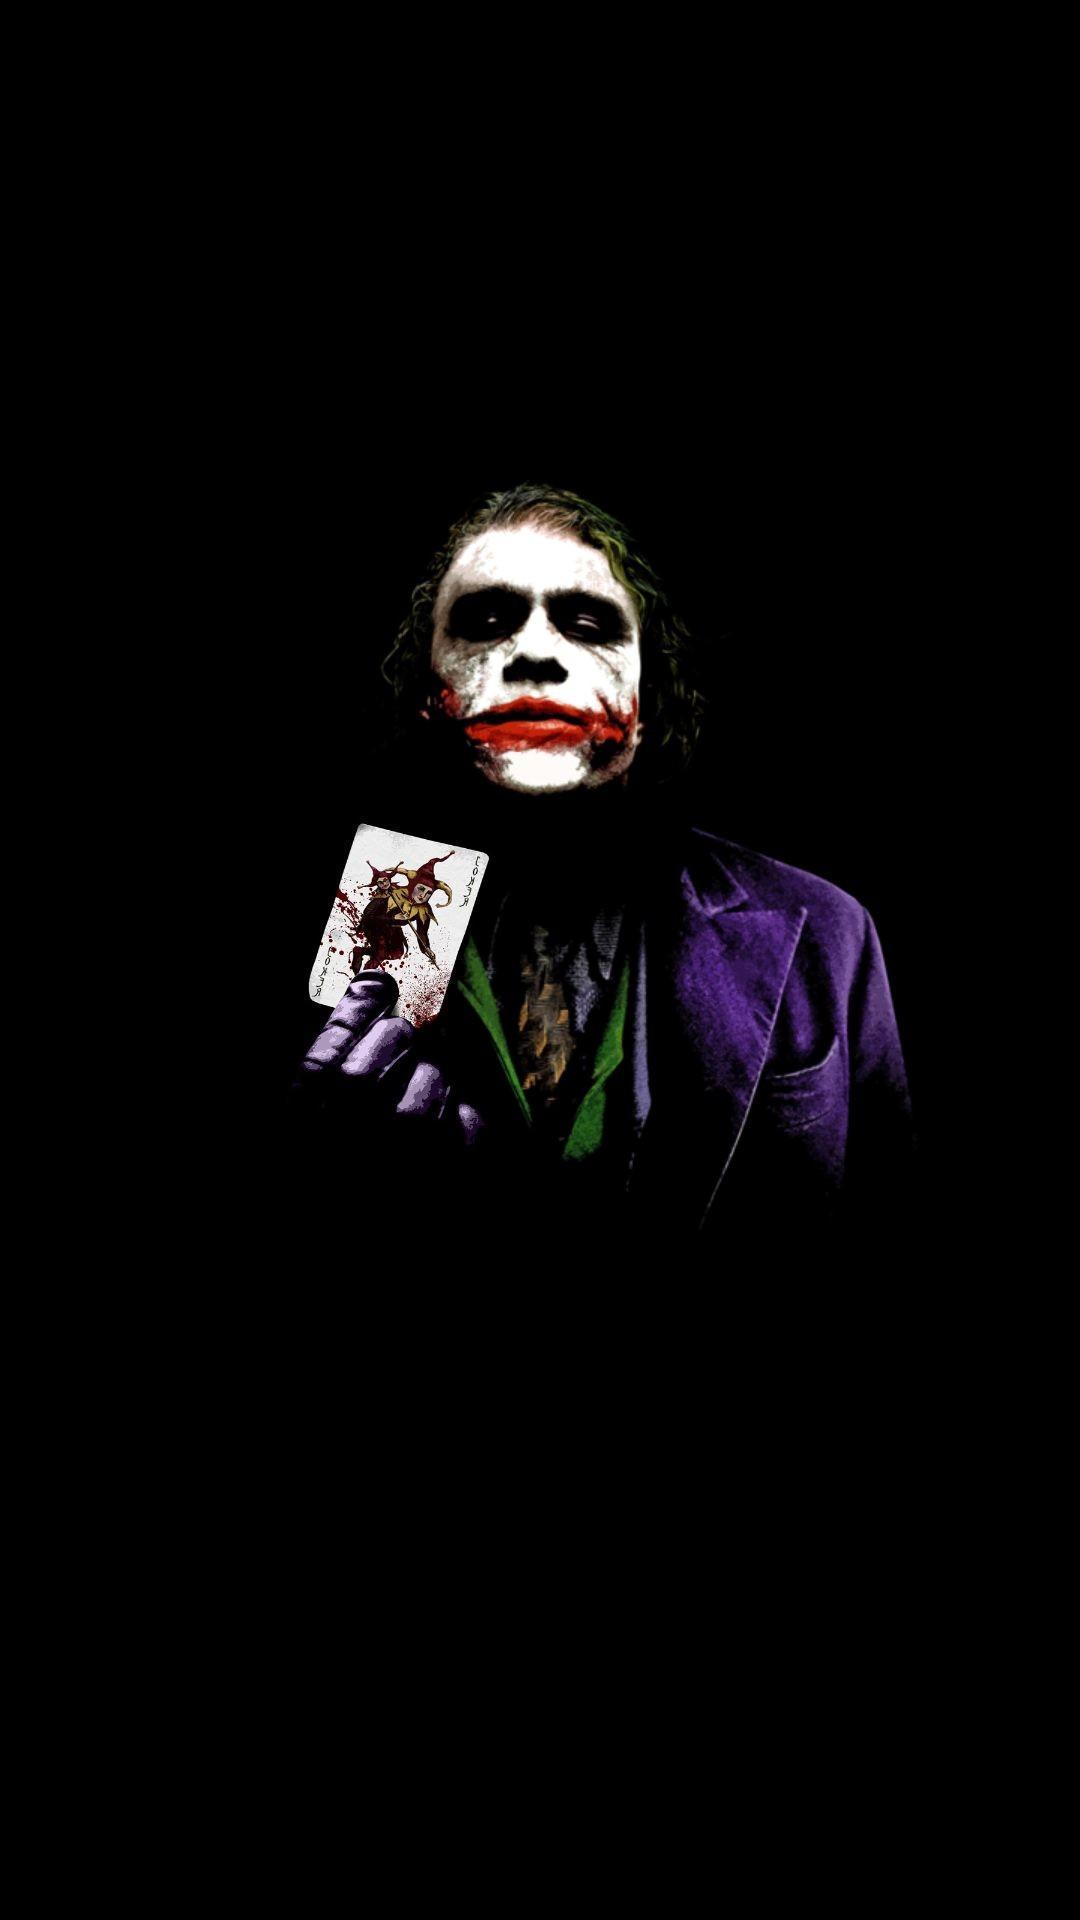 Iphone Dark Joker Wallpapers Wallpaper Cave